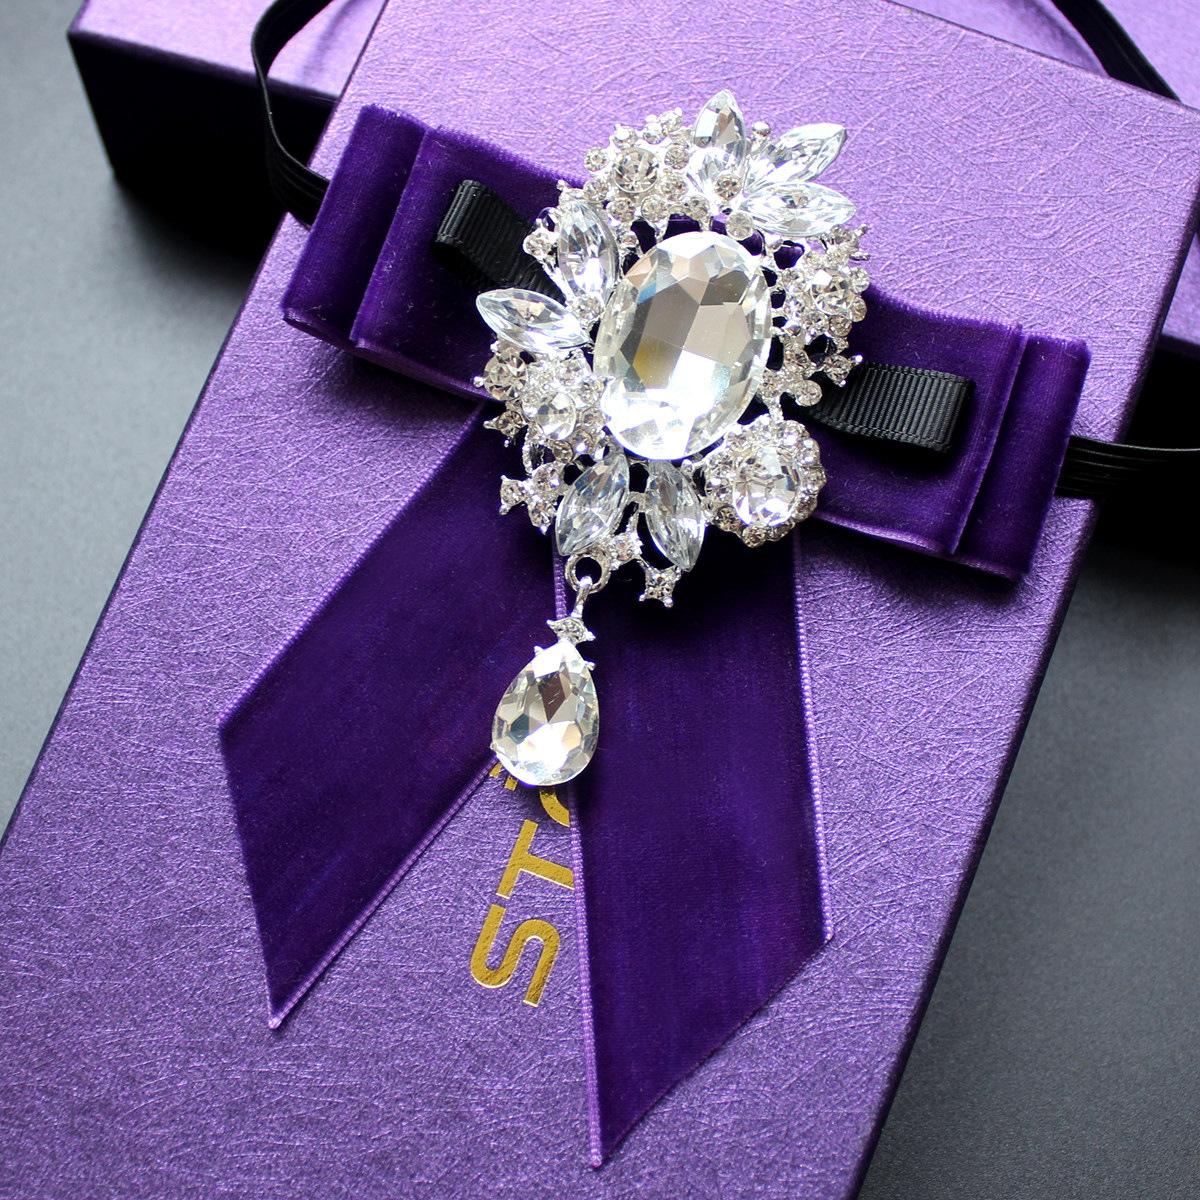 Handgemachte Mode Boutique Herren Anzug Grau Kragen Blume Hemd Fliege Hochzeitsbankett Kragen Schmuck Strass Fliege